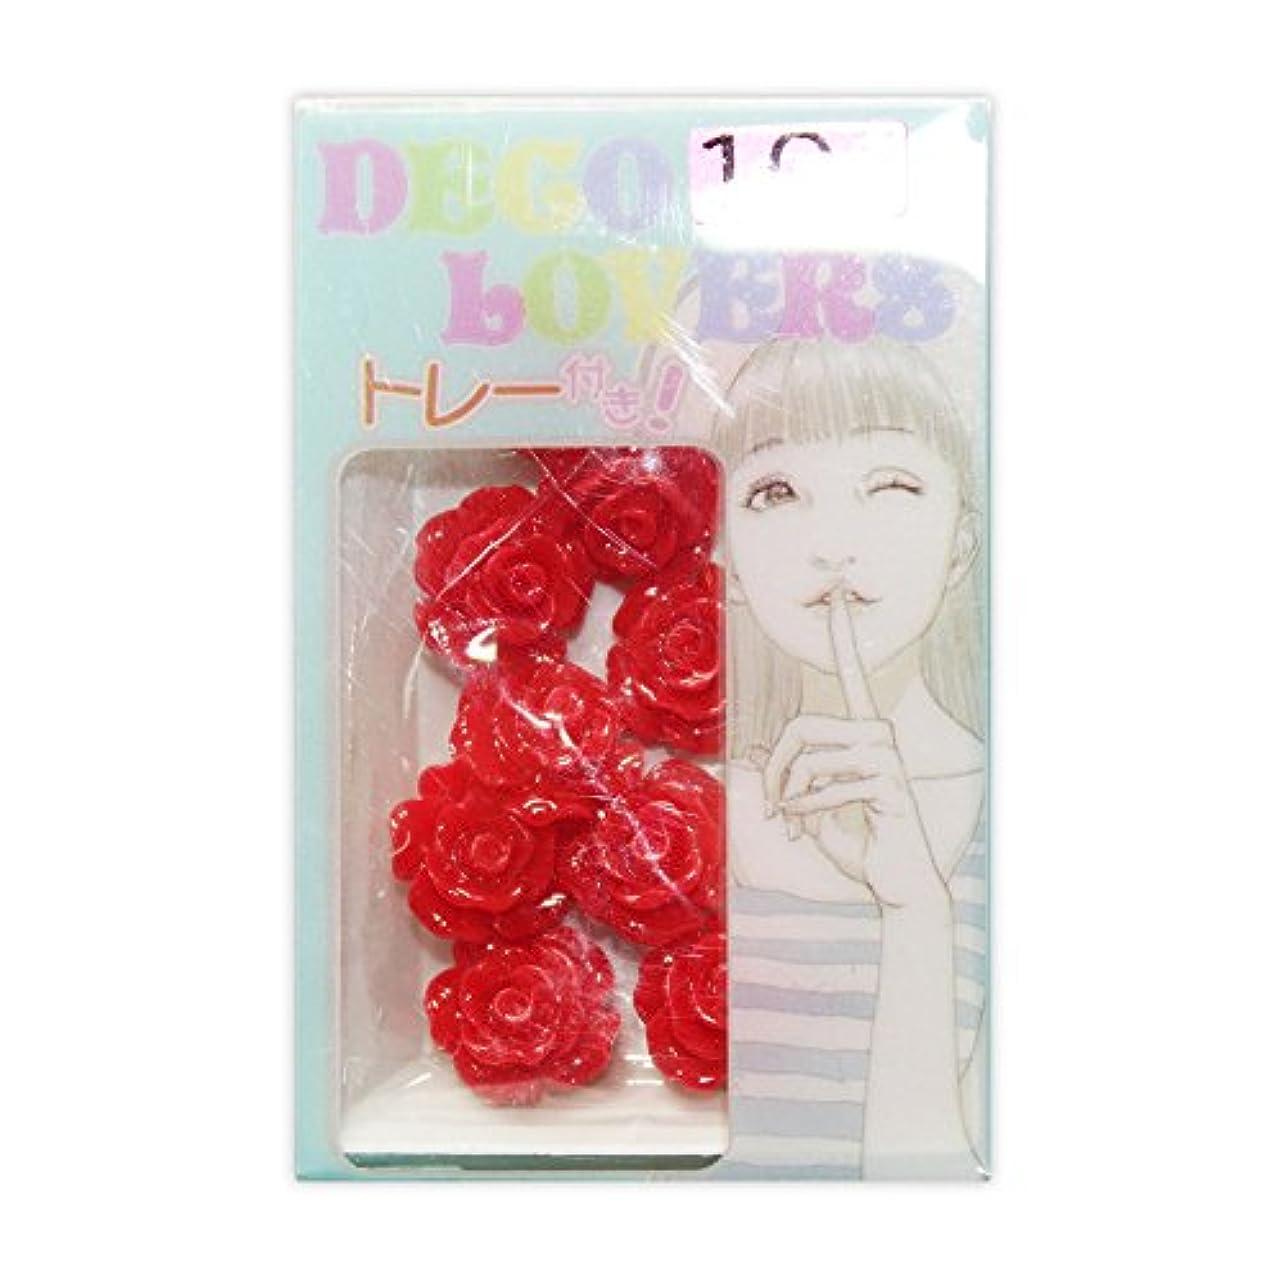 美しい容疑者差し迫ったラインストーン DL017/flower rosem red